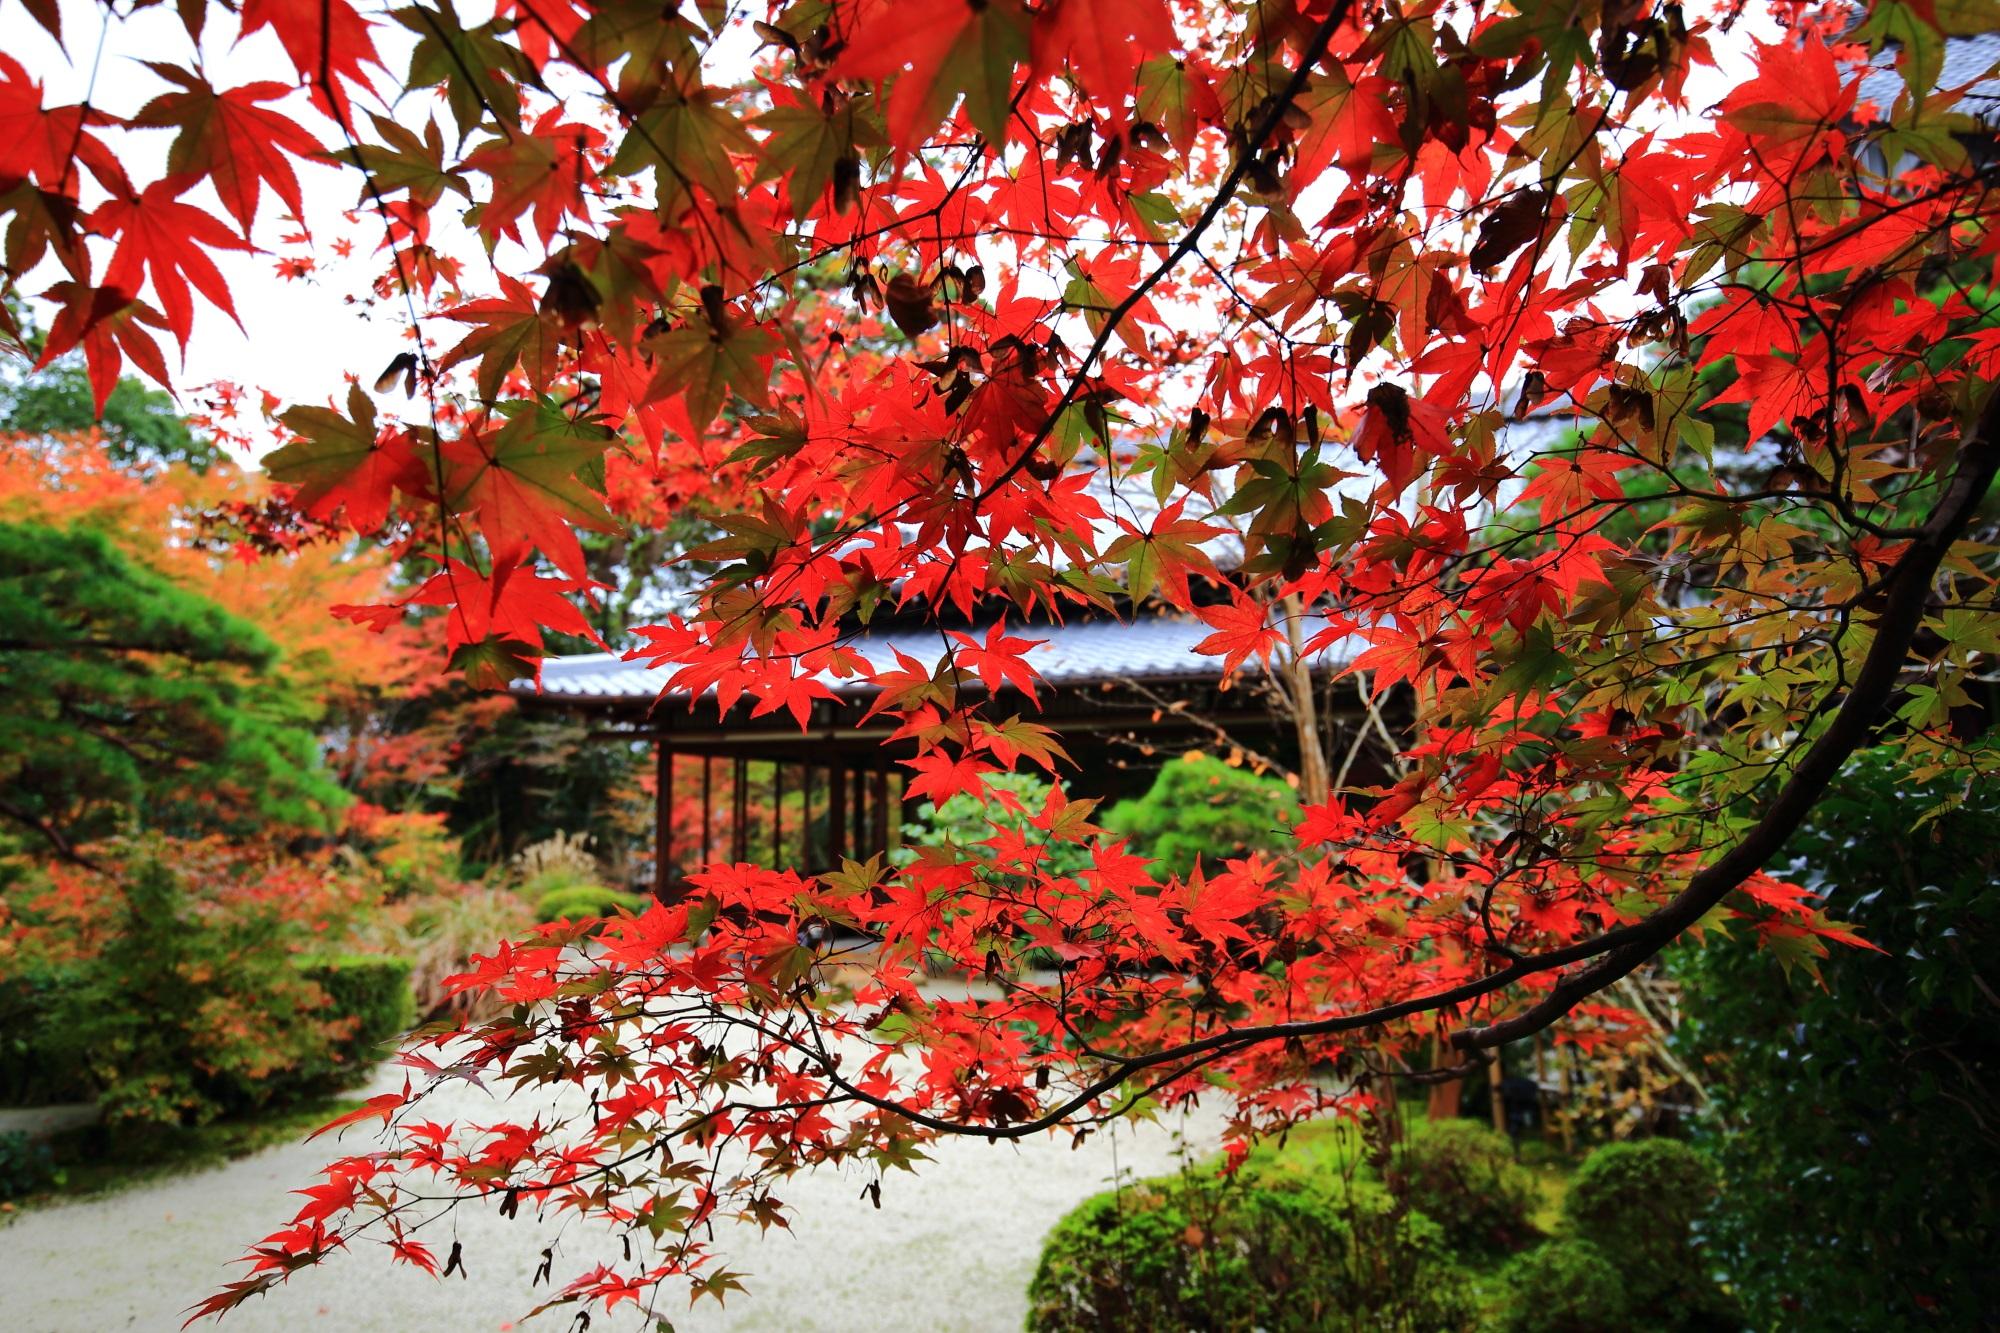 赤い紅葉につつまれる書院と庭園